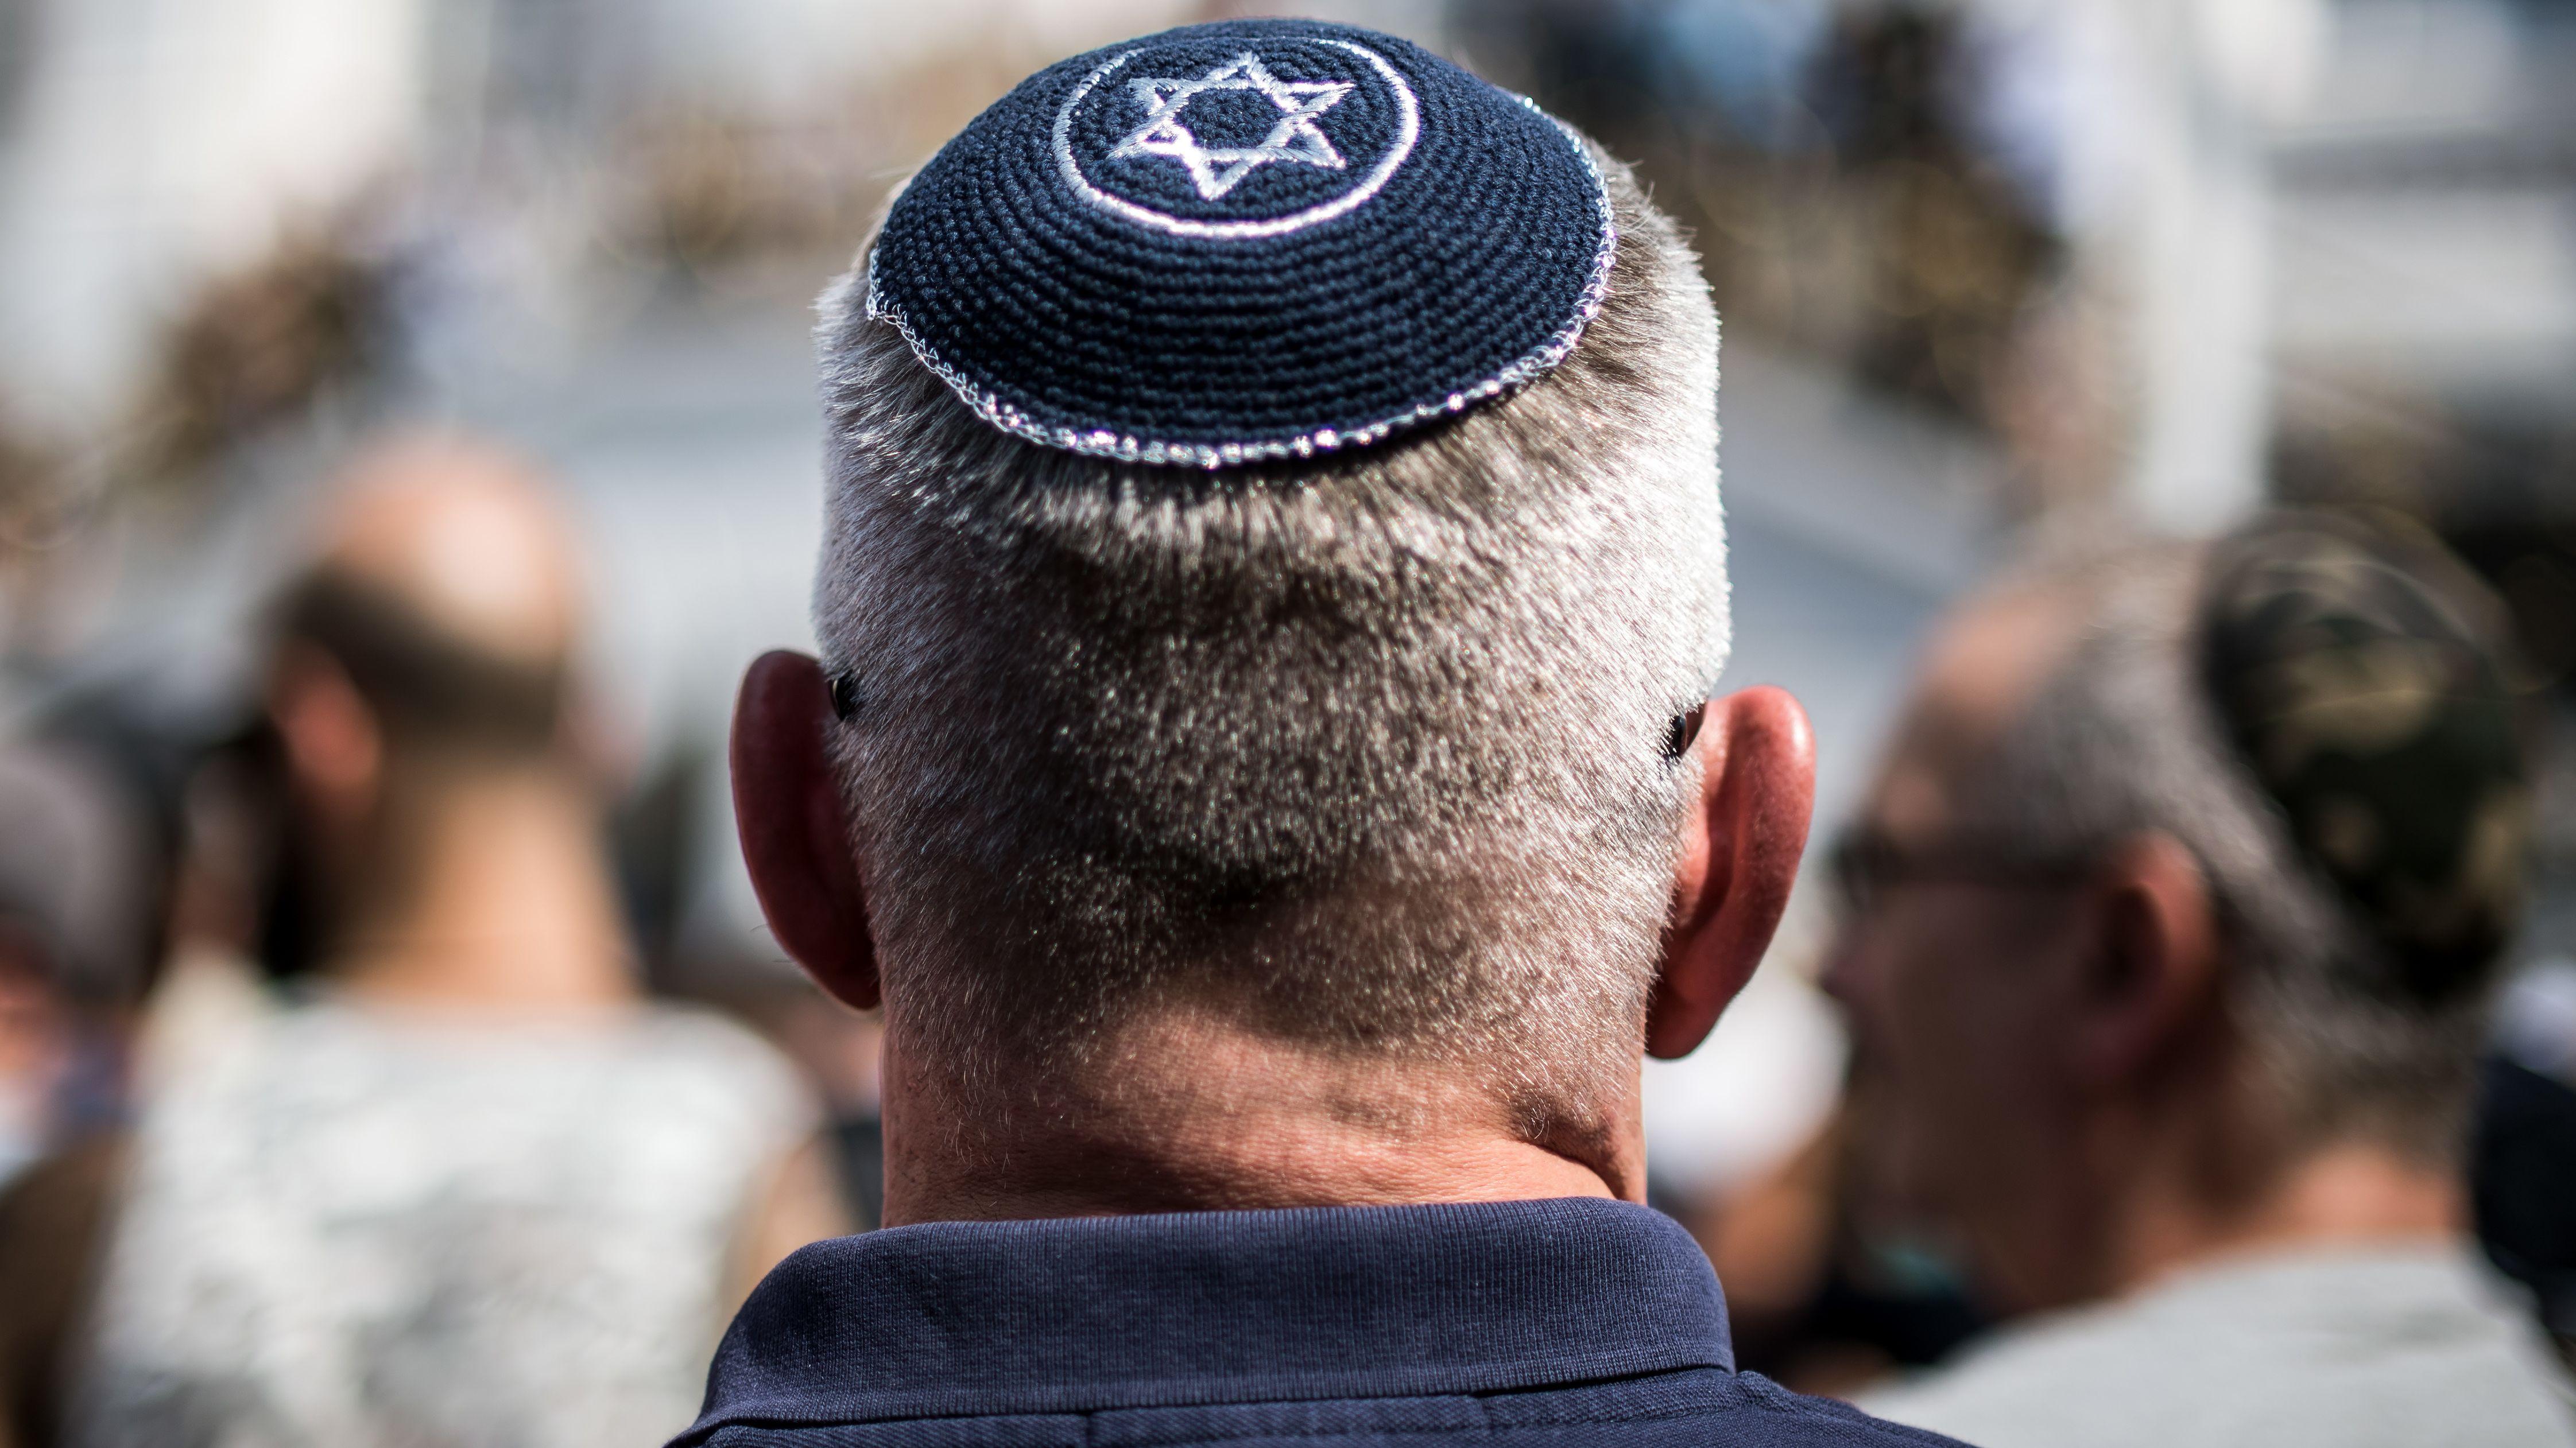 Zwei Unbekannte haben am Samstag in München eine jüdische Familie bespuckt und verbal angegriffen.